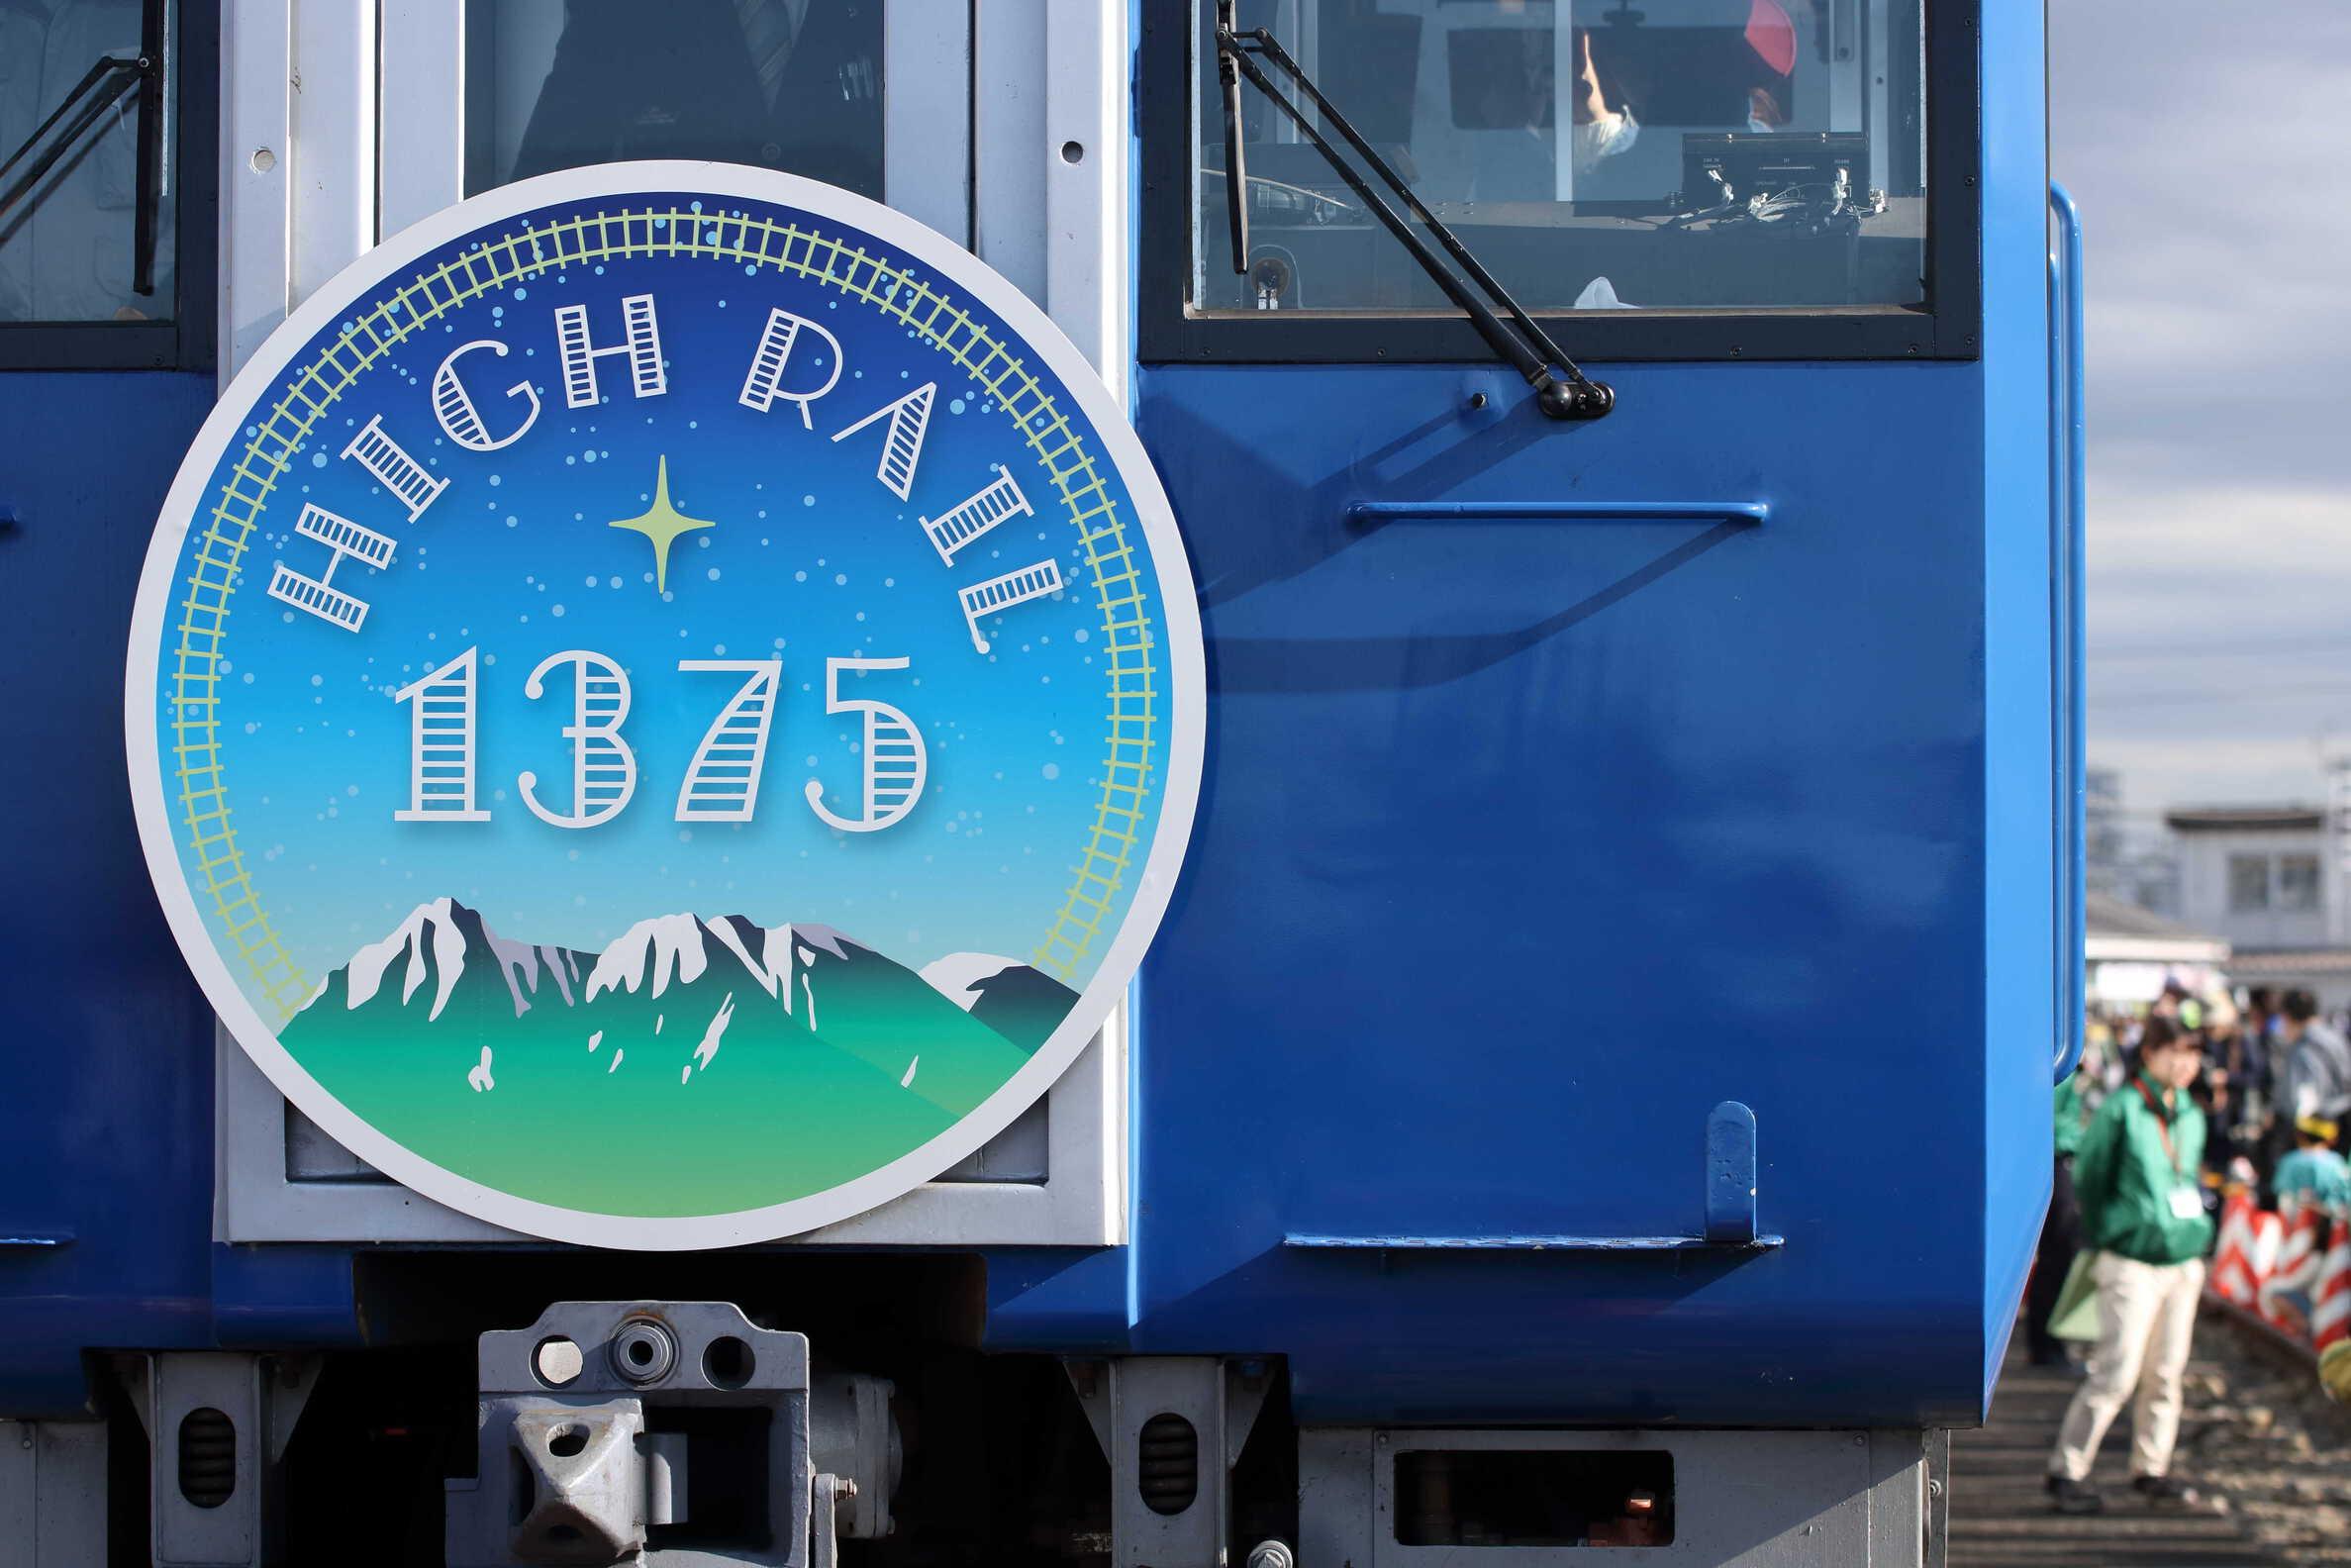 キハ103-711(長コミ)+キハ112-711(長コミ)